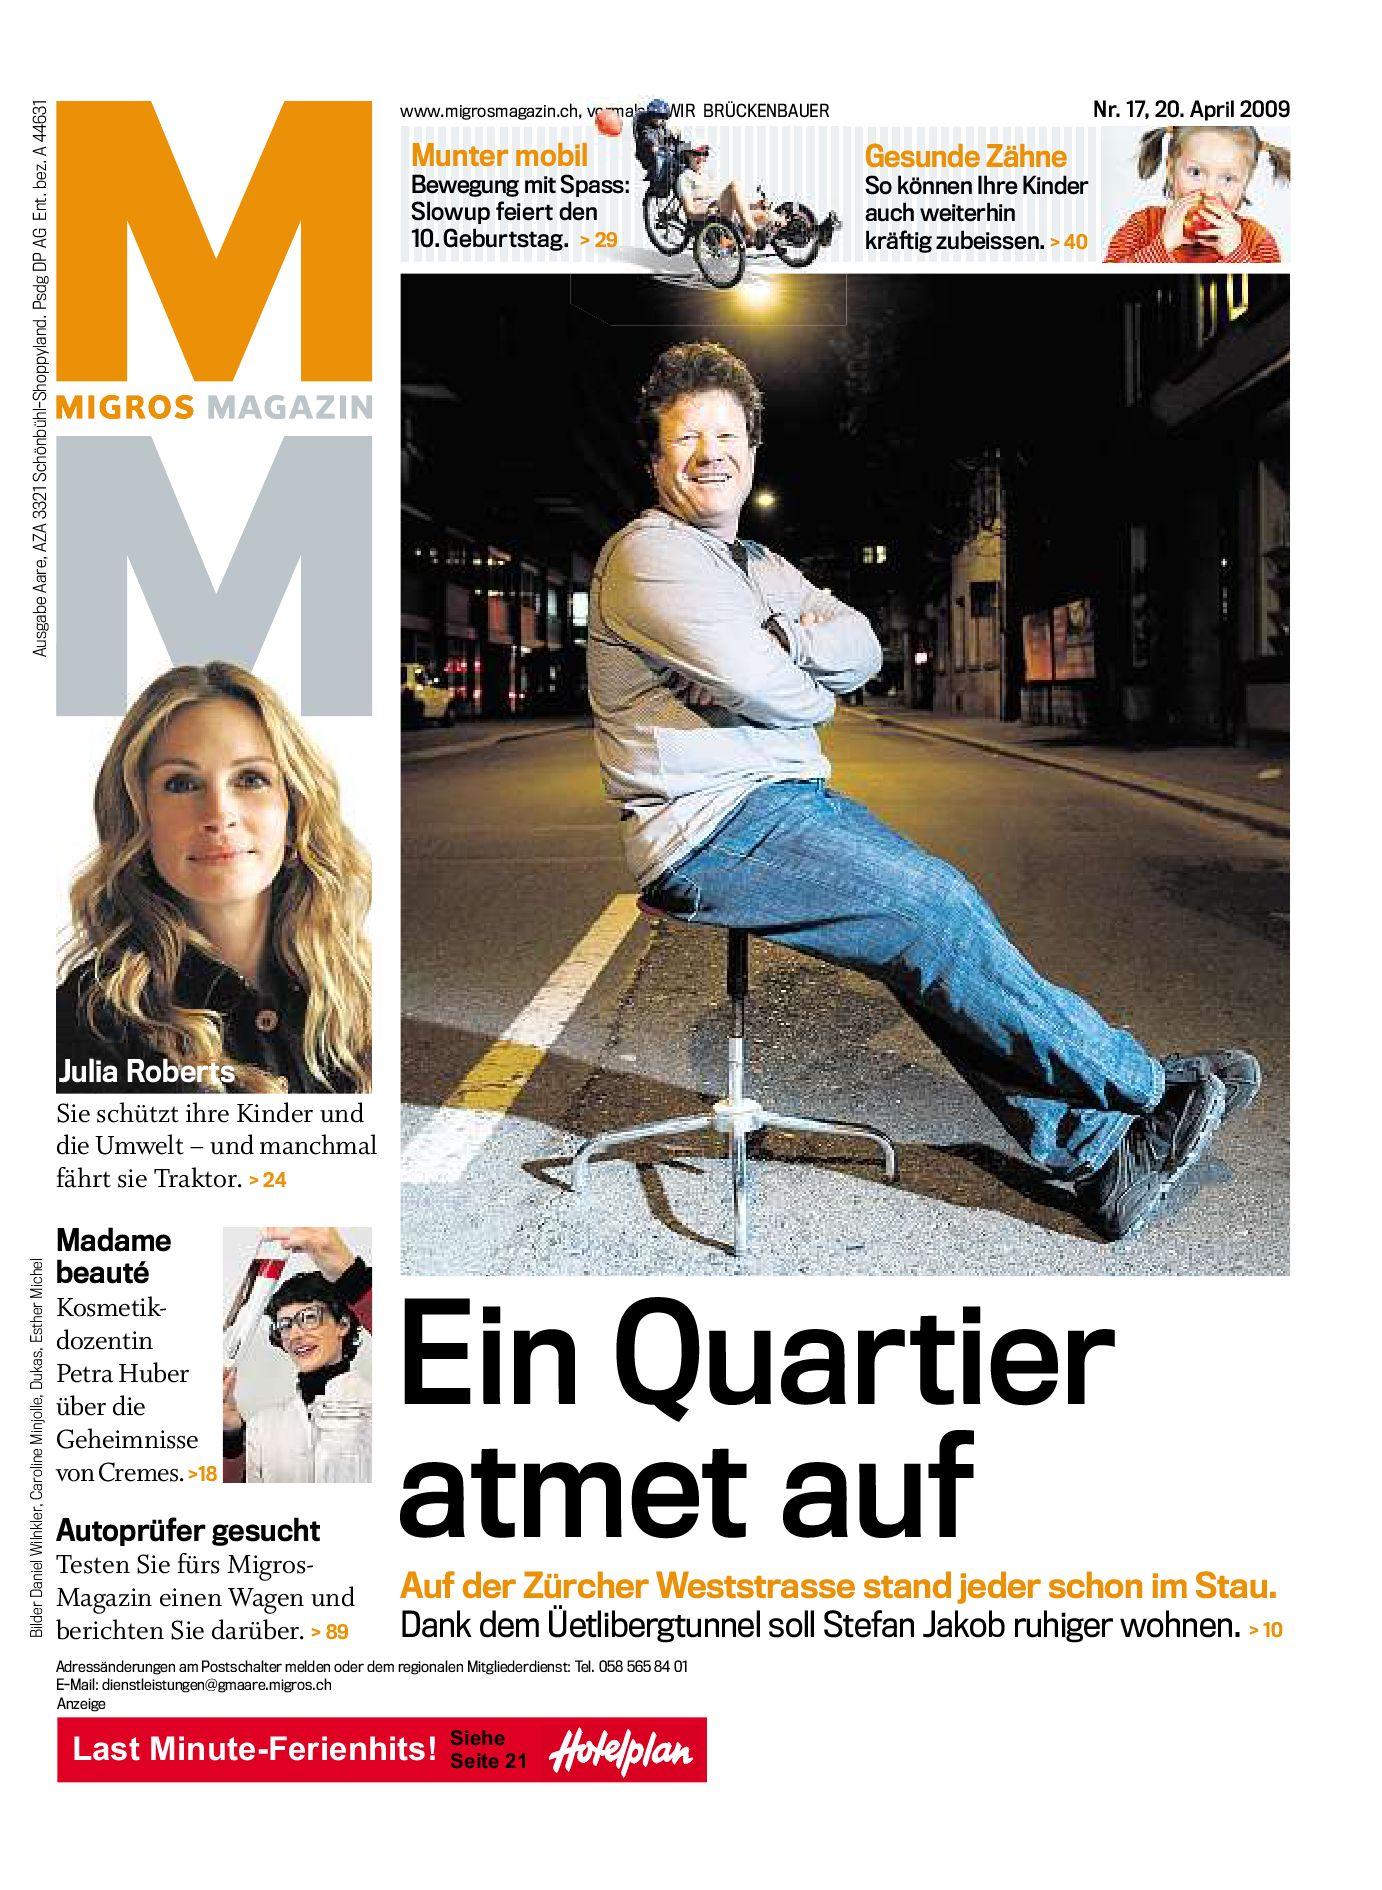 Migros Magazin 17 2009 D AA By Migros Genossenschafts Bund   Issuu